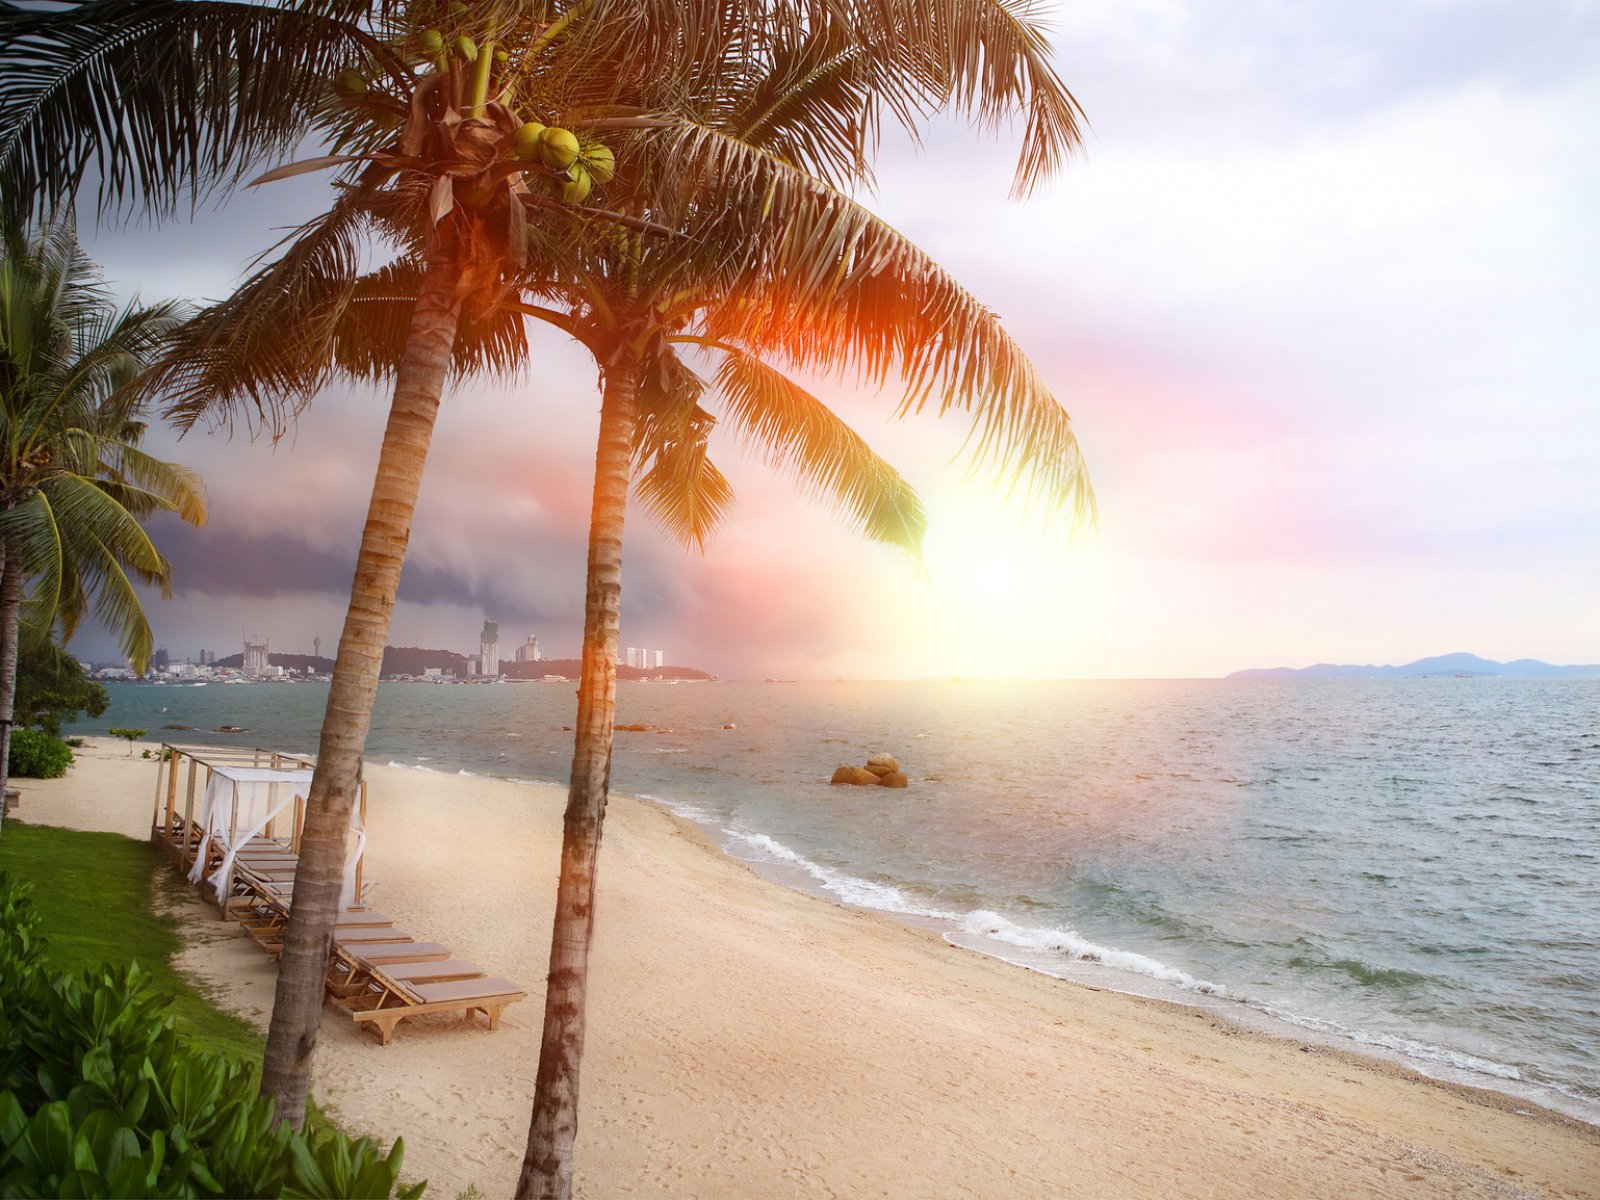 ТОП-10 лучших пляжей Пхукета для незабываемого отдыха » Travel Guide